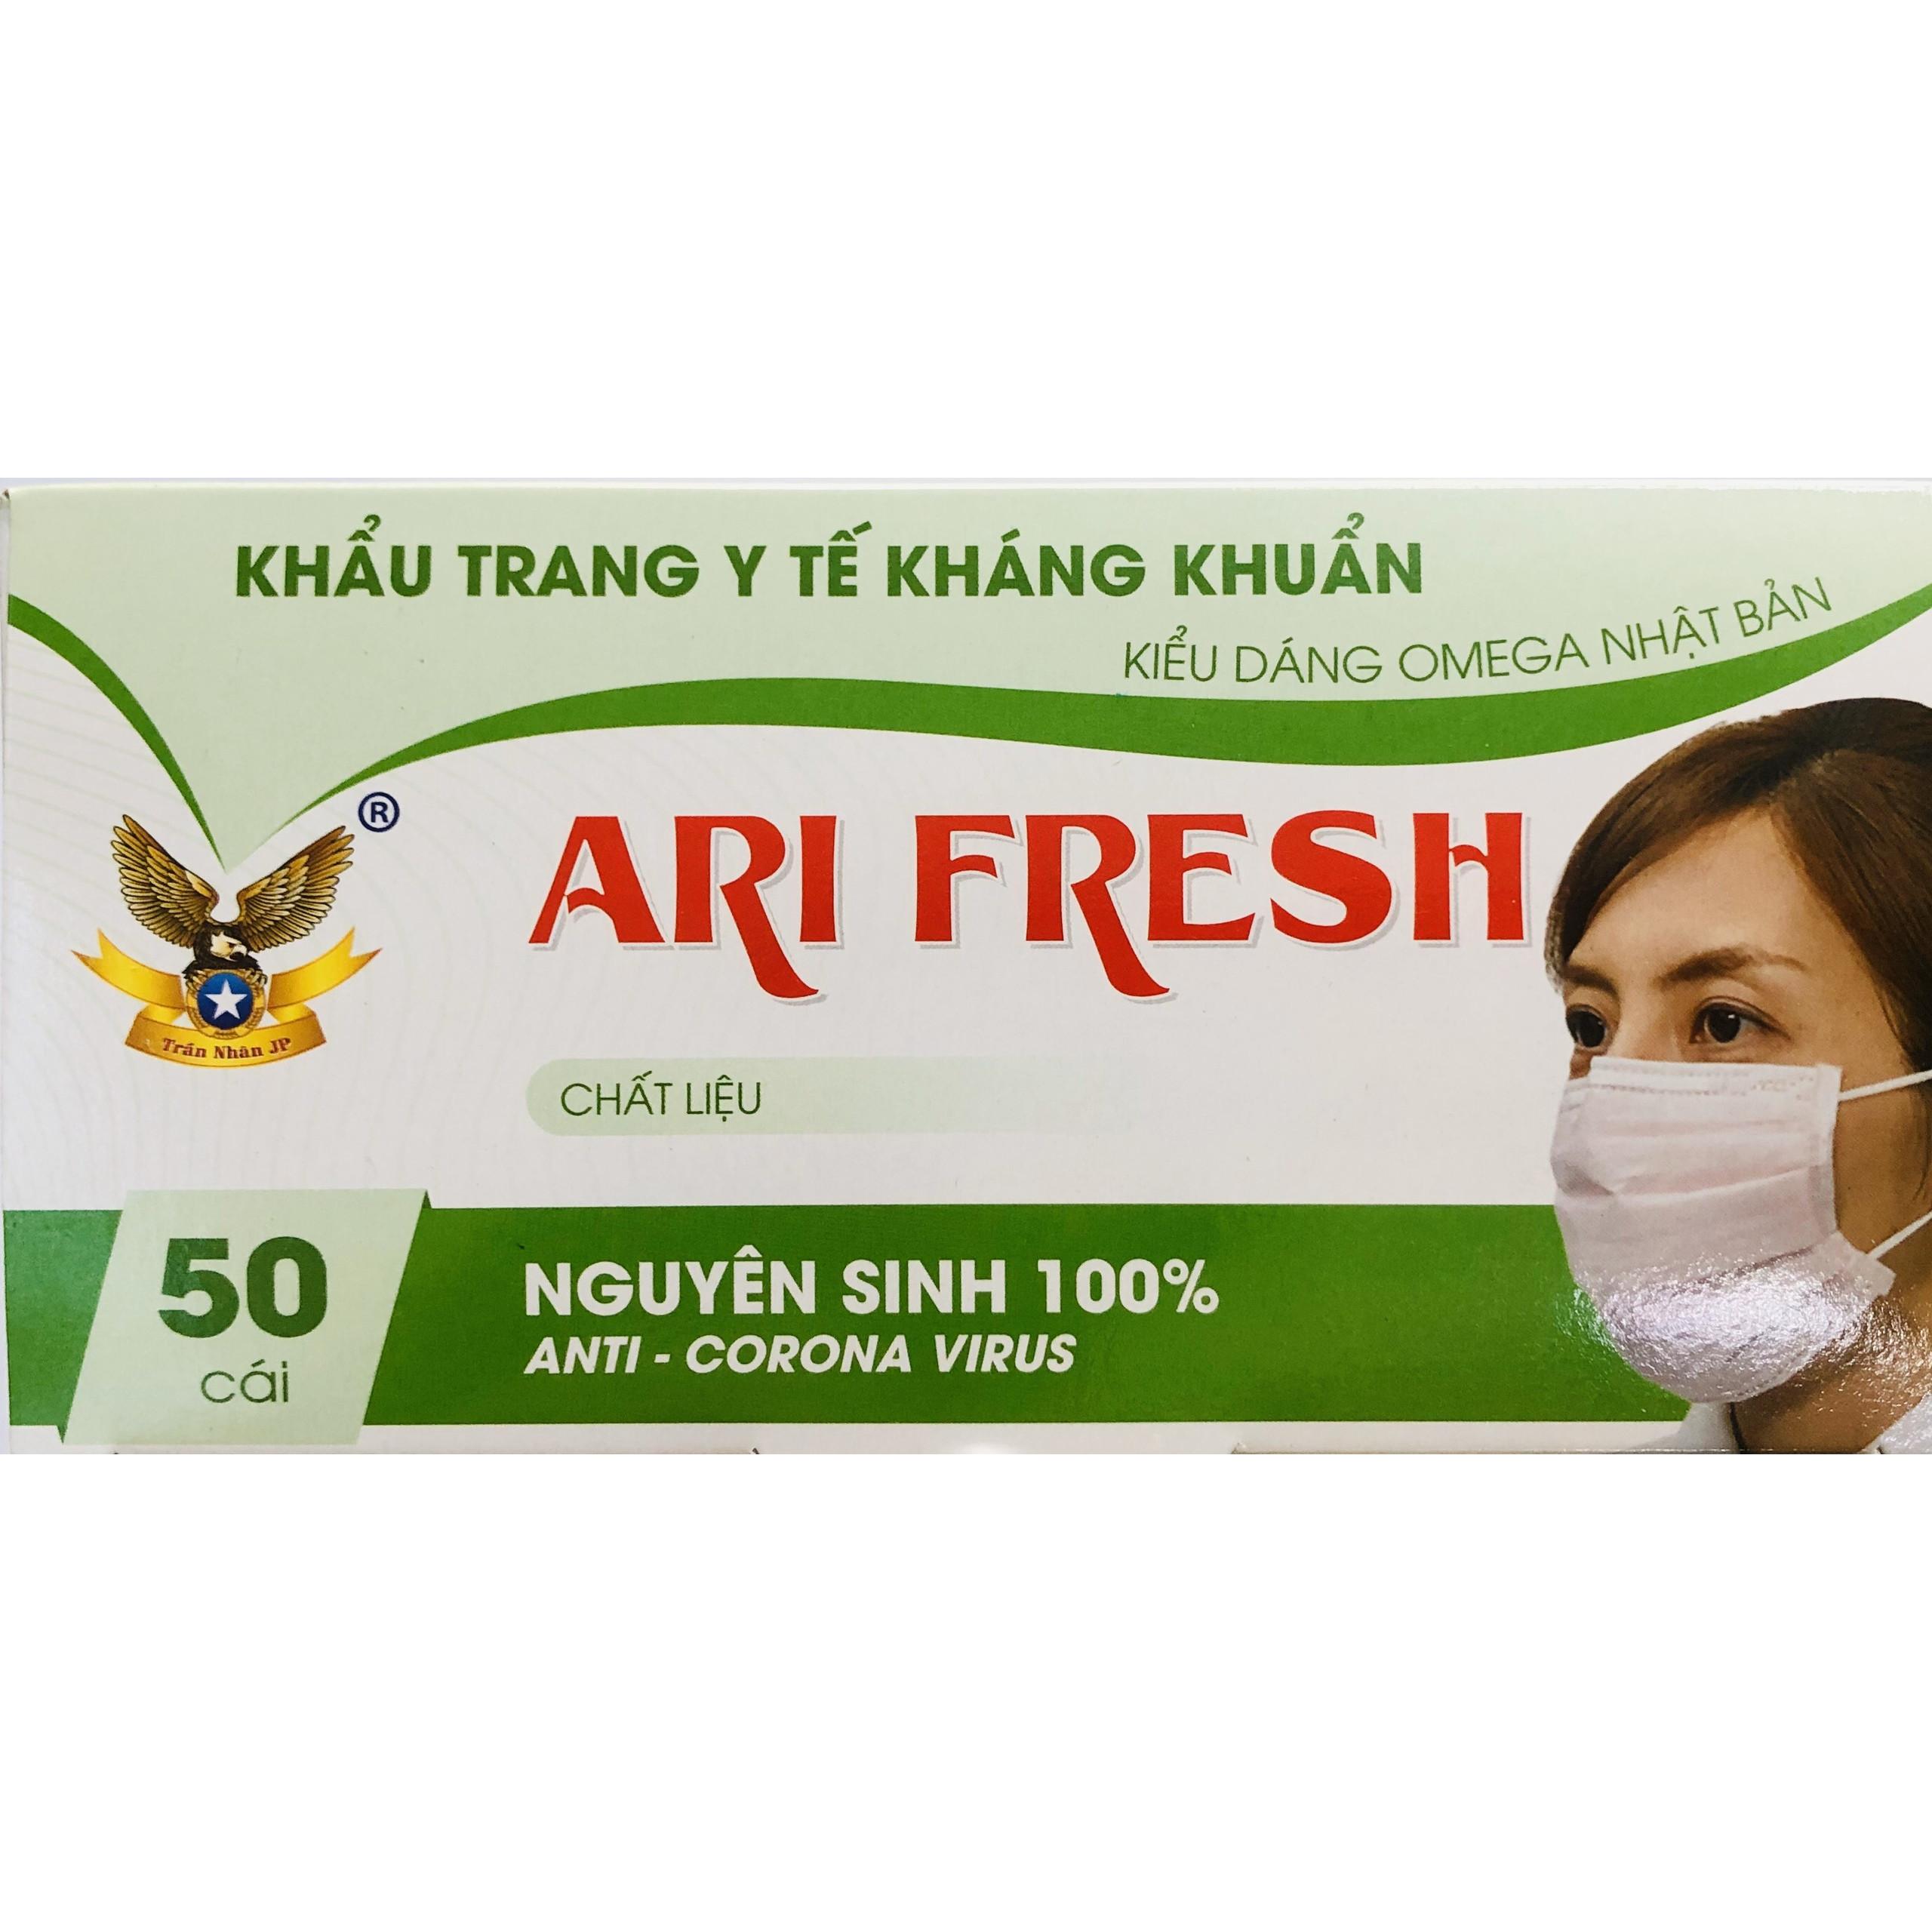 Khẩu trang y tế cao cấp 4 lớp kháng khuẩn chống thấm  Ari Fresh hộp 50 cái